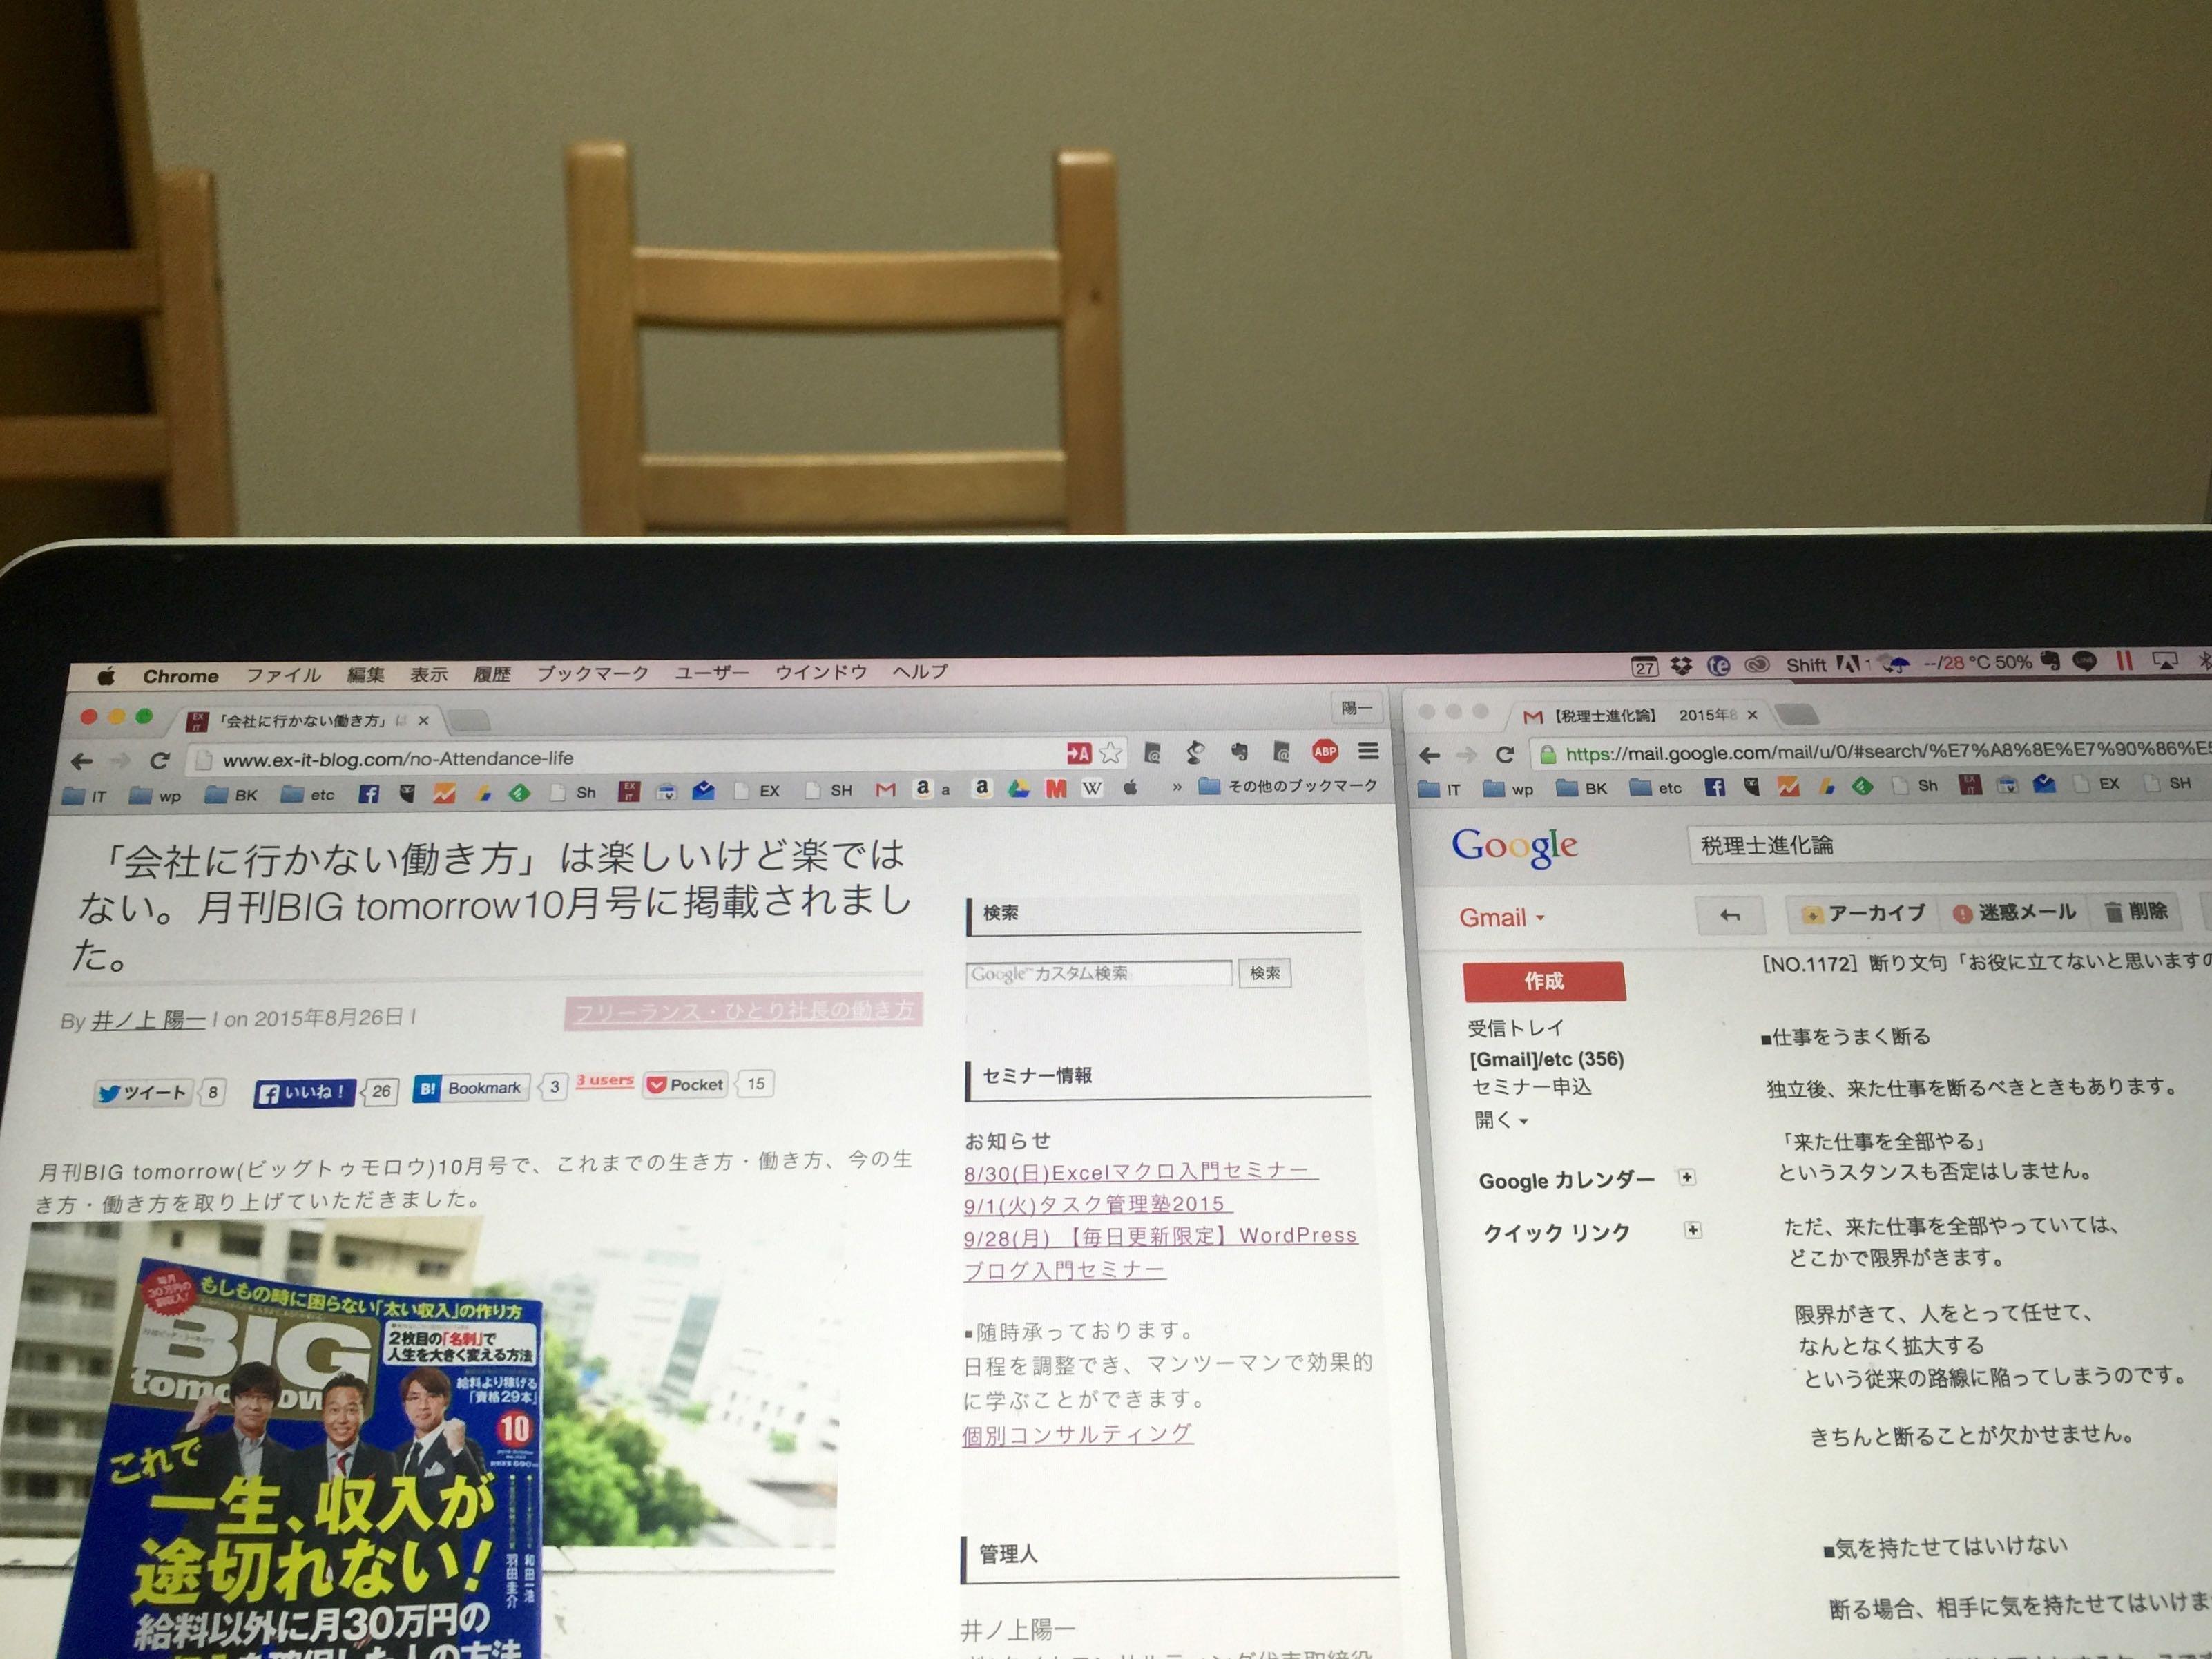 ブログ2,972日・メルマガ1,174号続けた私が考えるブログとメルマガの違い